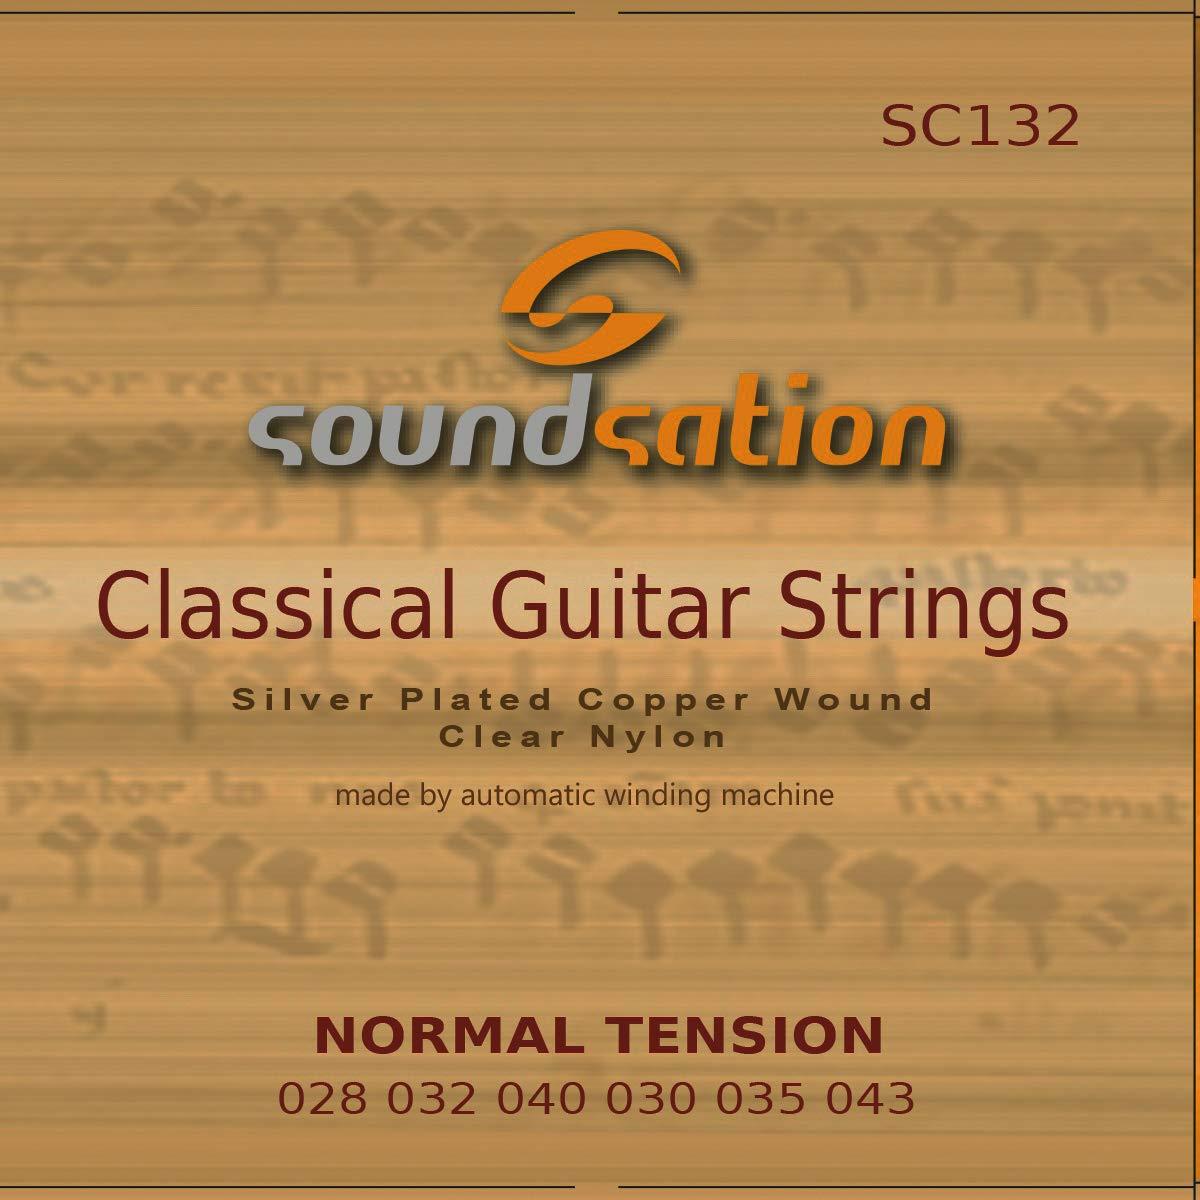 Cuerdas para guitarra cl/ásica espa/ñola SOUNDSATION SC132 tensi/ón normal